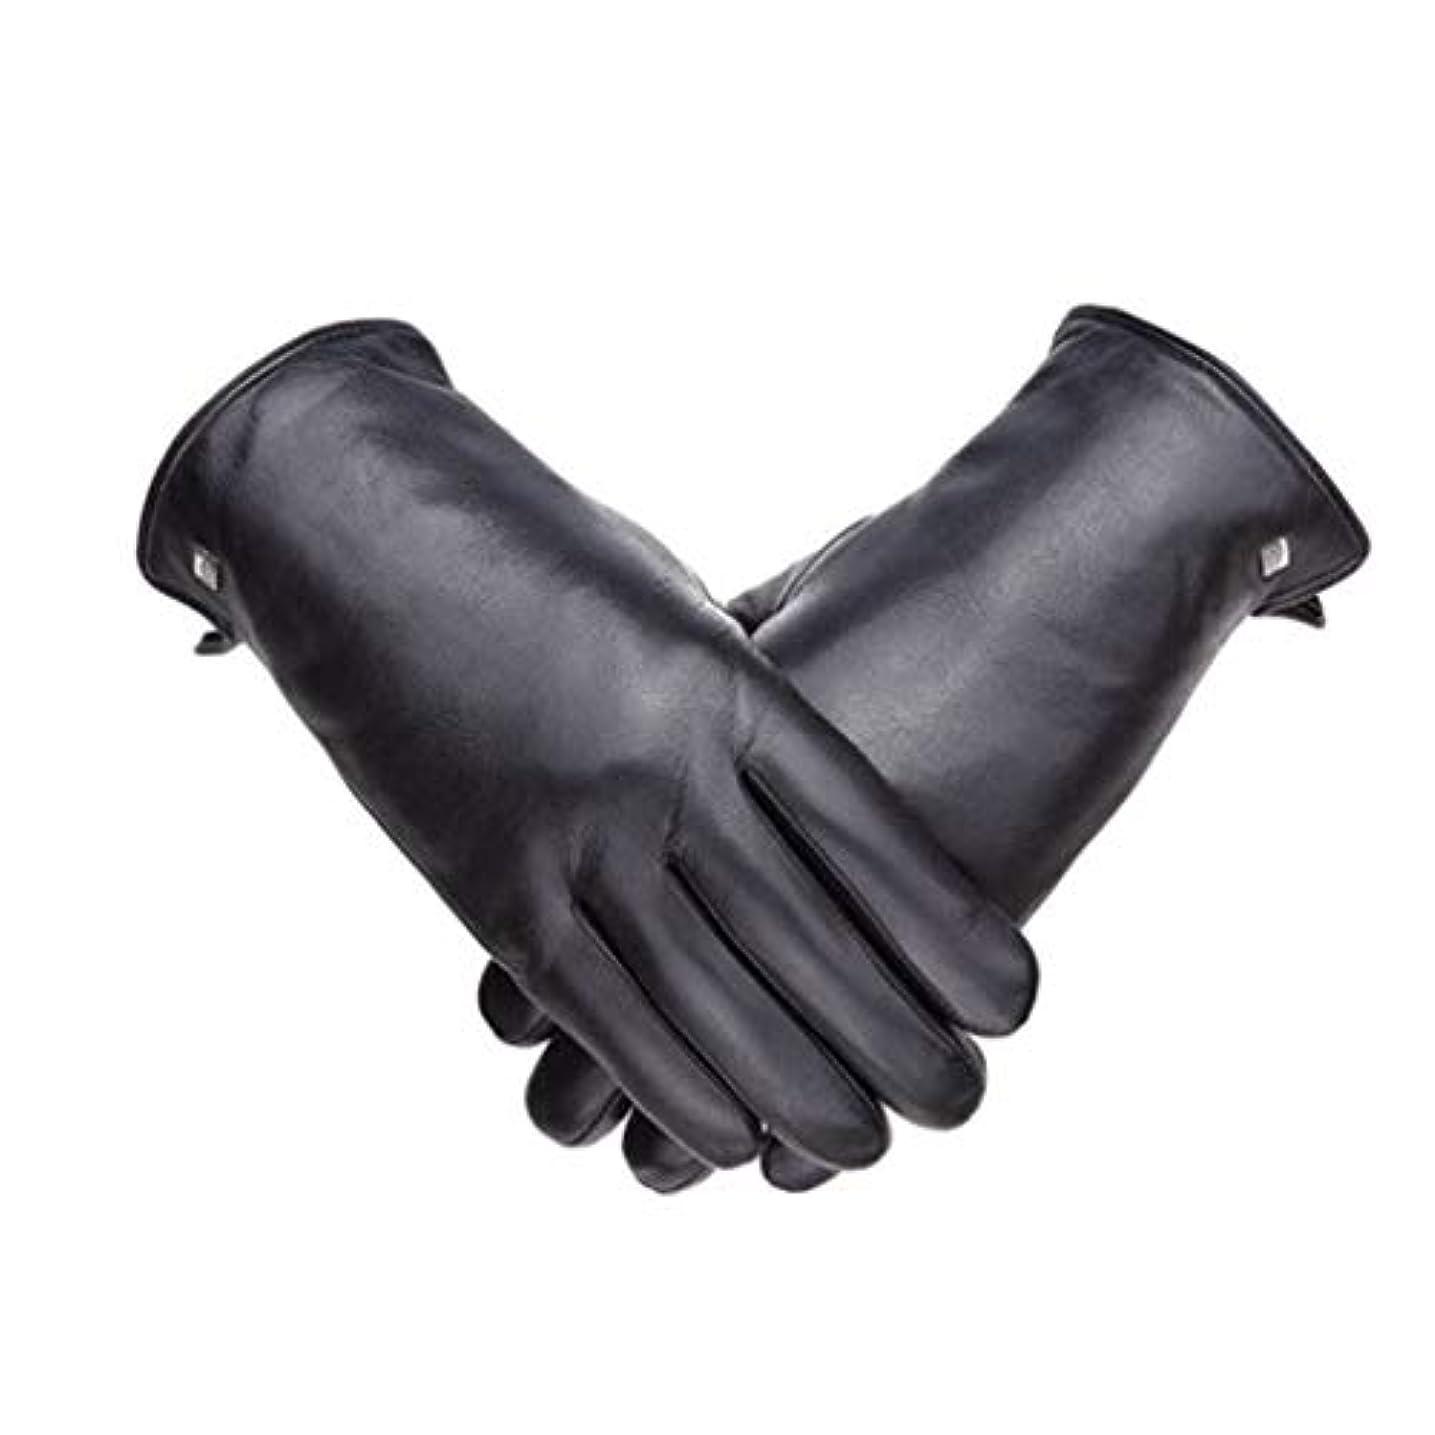 タンカーアカデミックシマウマ革の肥厚プラスベルベット柔らかなヤギの男性の手袋防風寒い冬暖かい手袋を乗って19841101-01B黒XXL